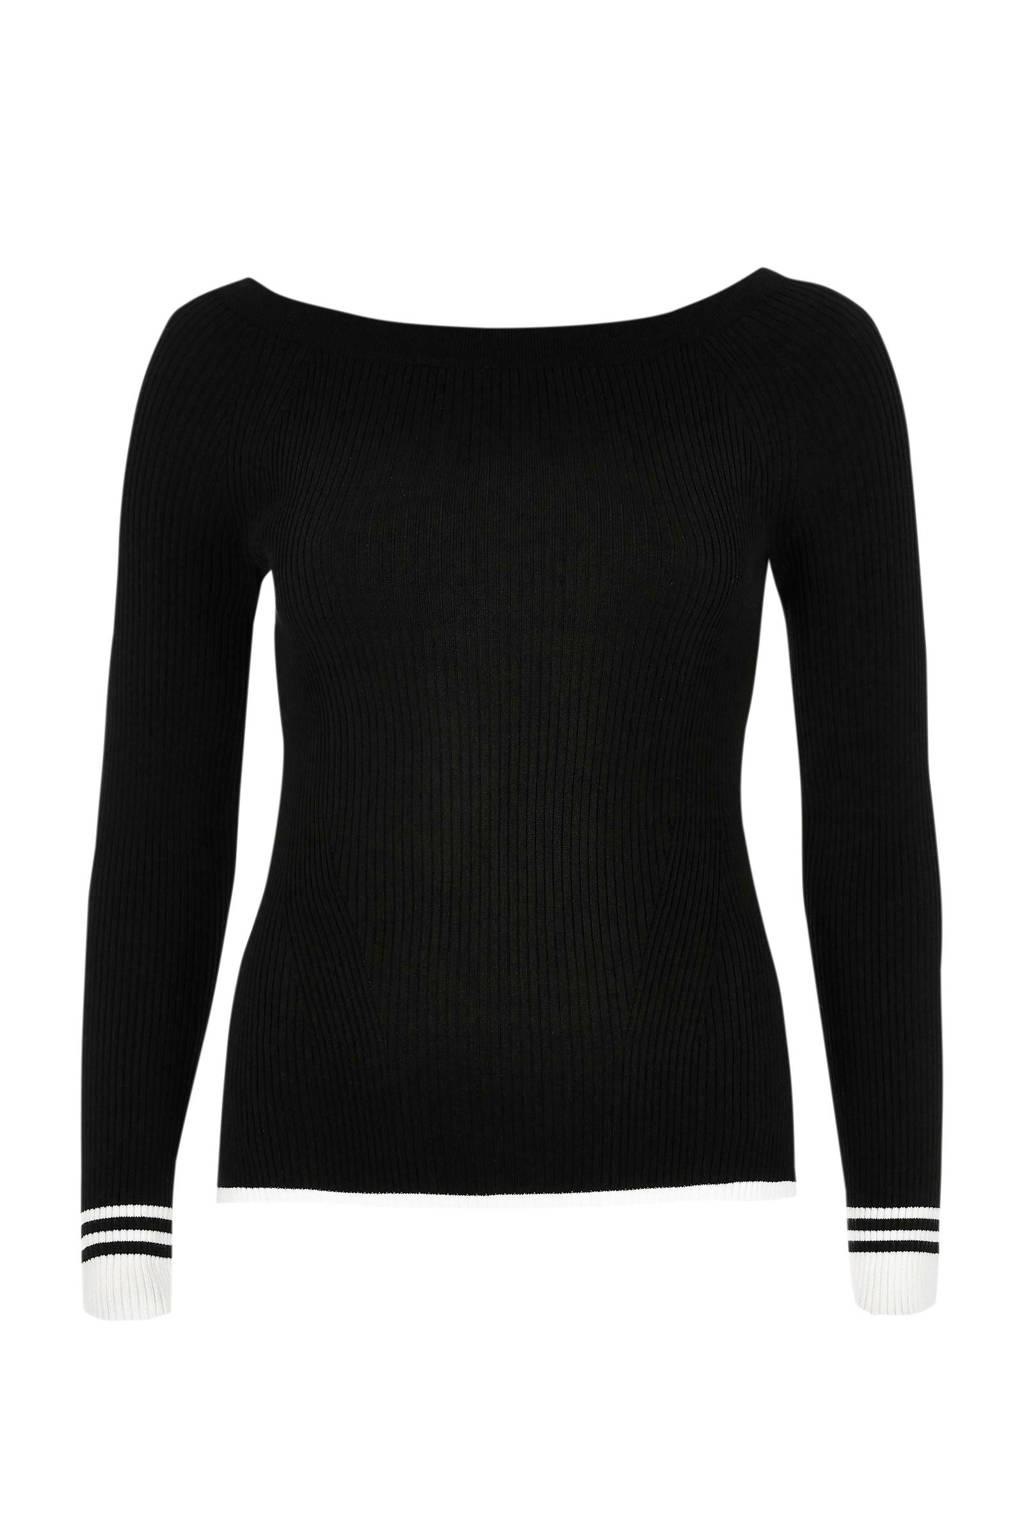 River Island trui met boothals, zwart/ wit